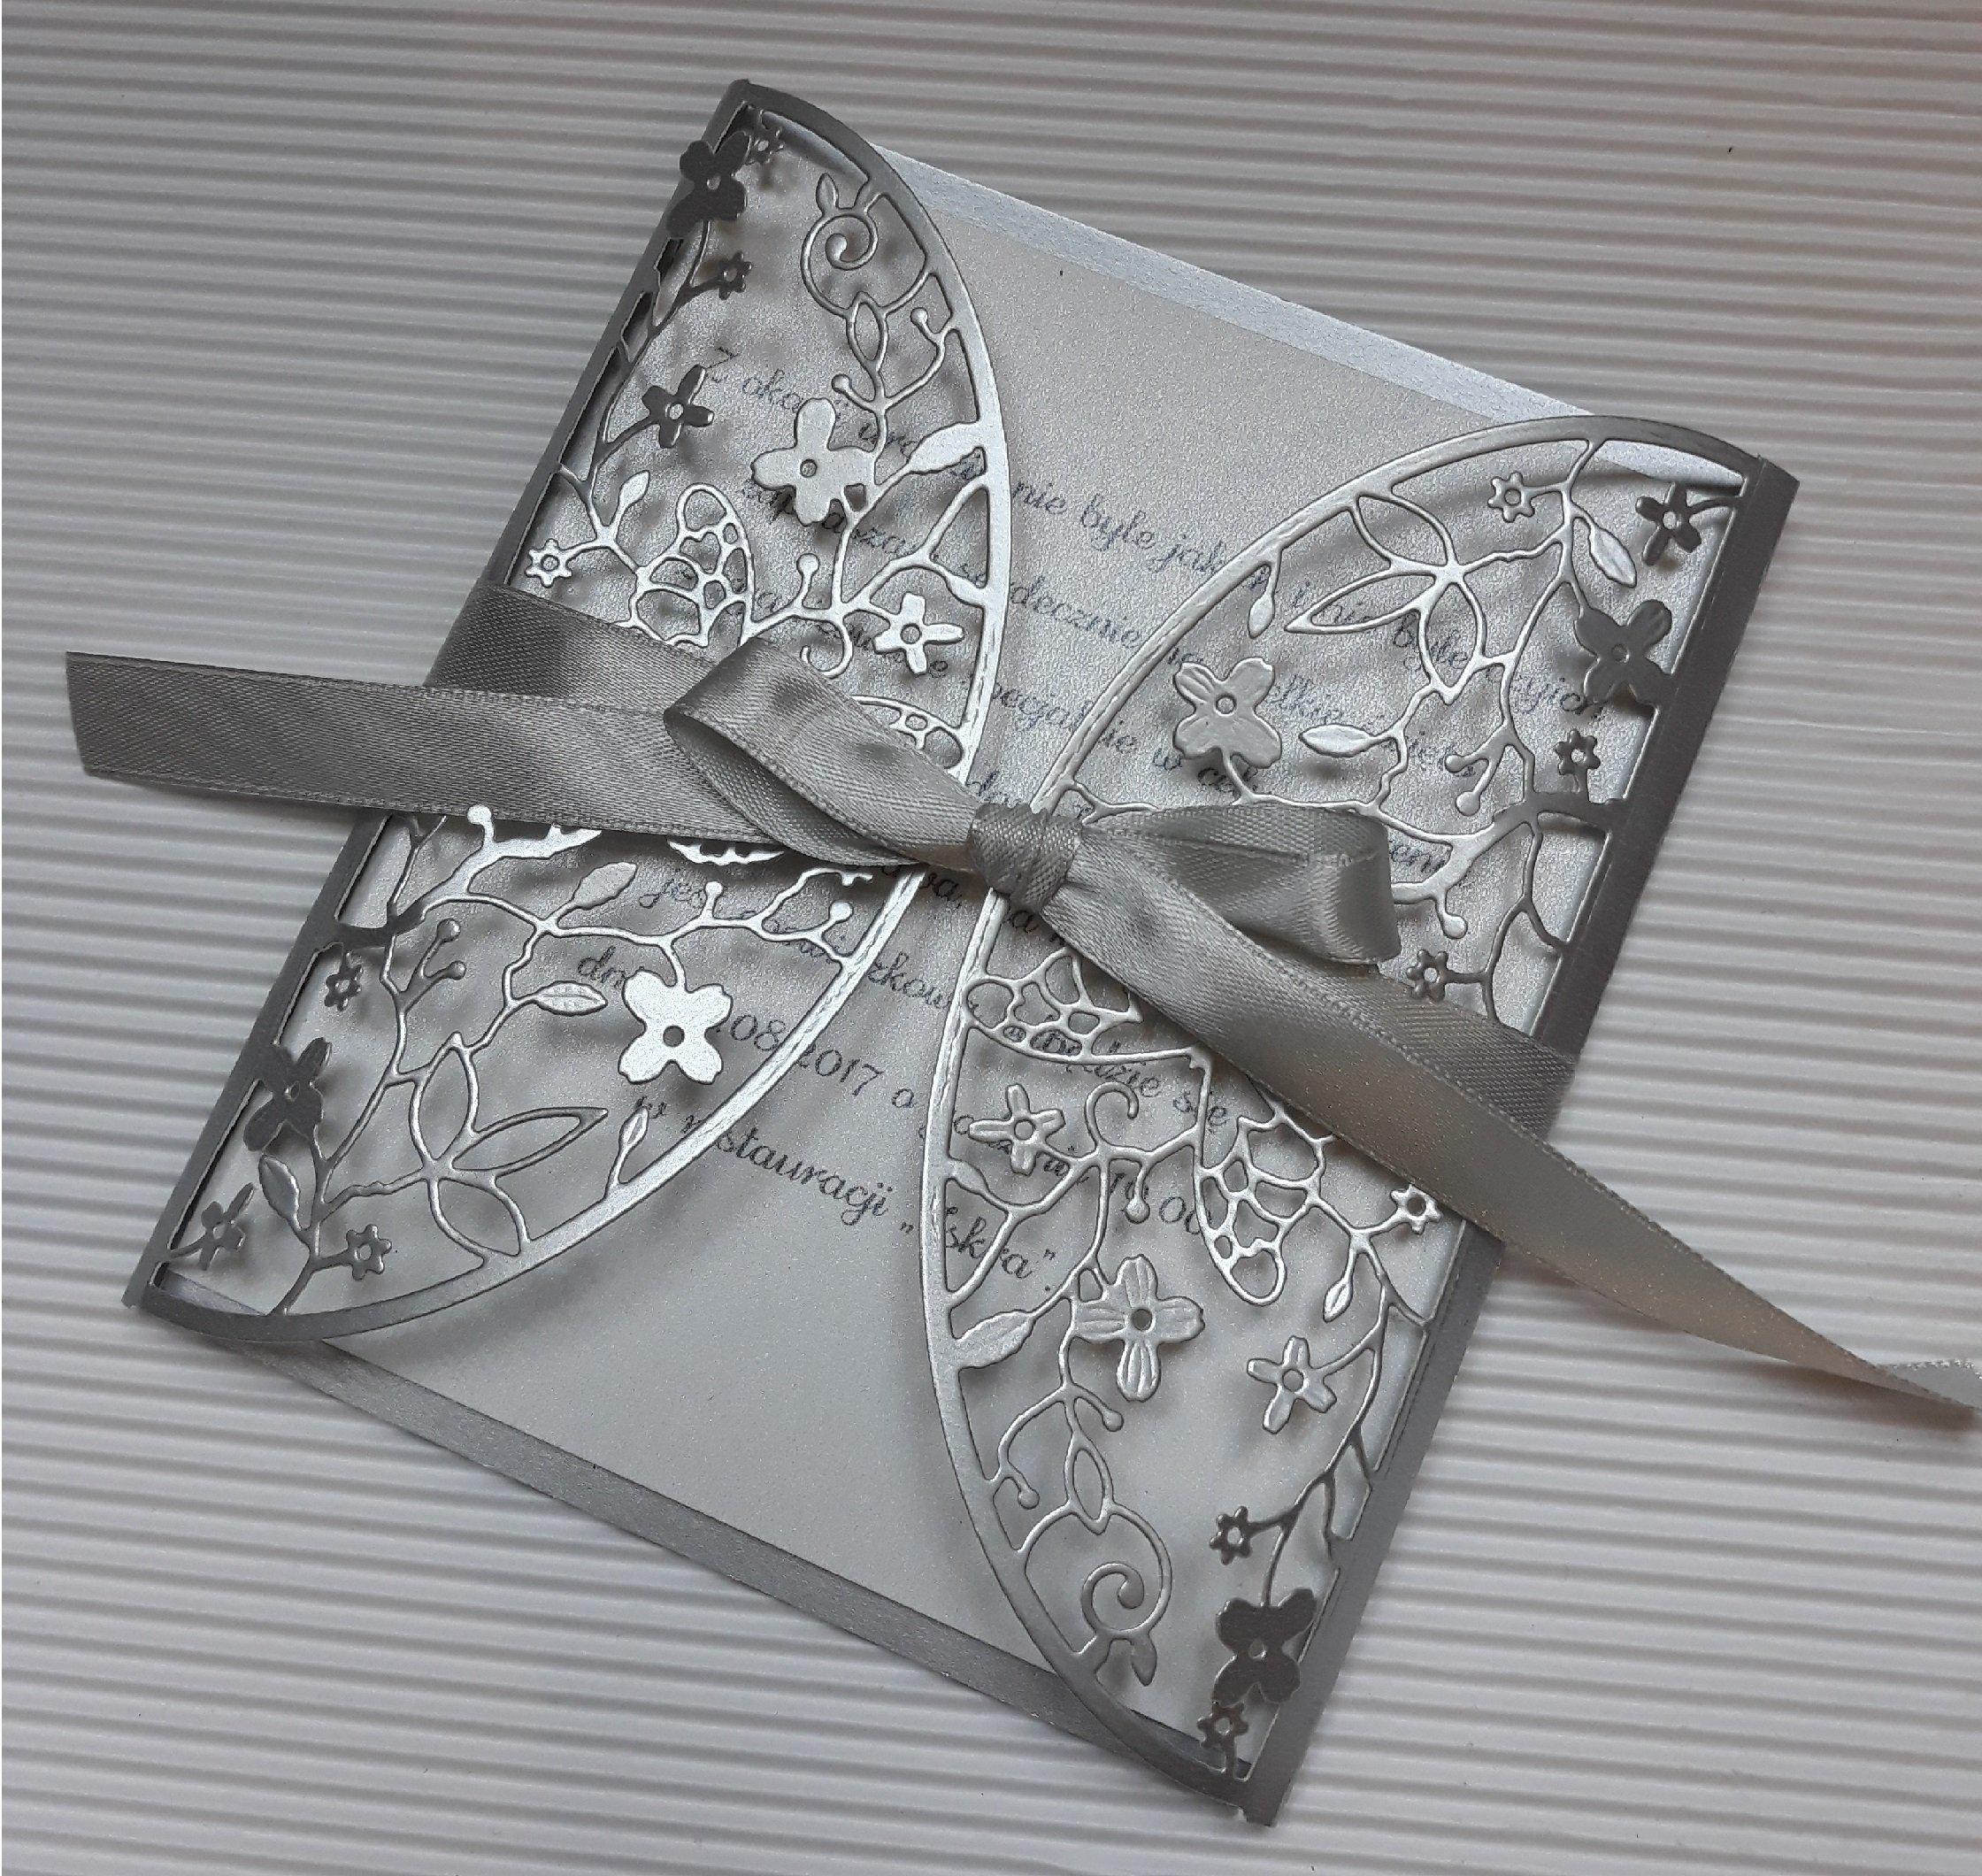 Zaproszenia ślubne Ażurowe Ręcznie Robione 7149193867 Oficjalne